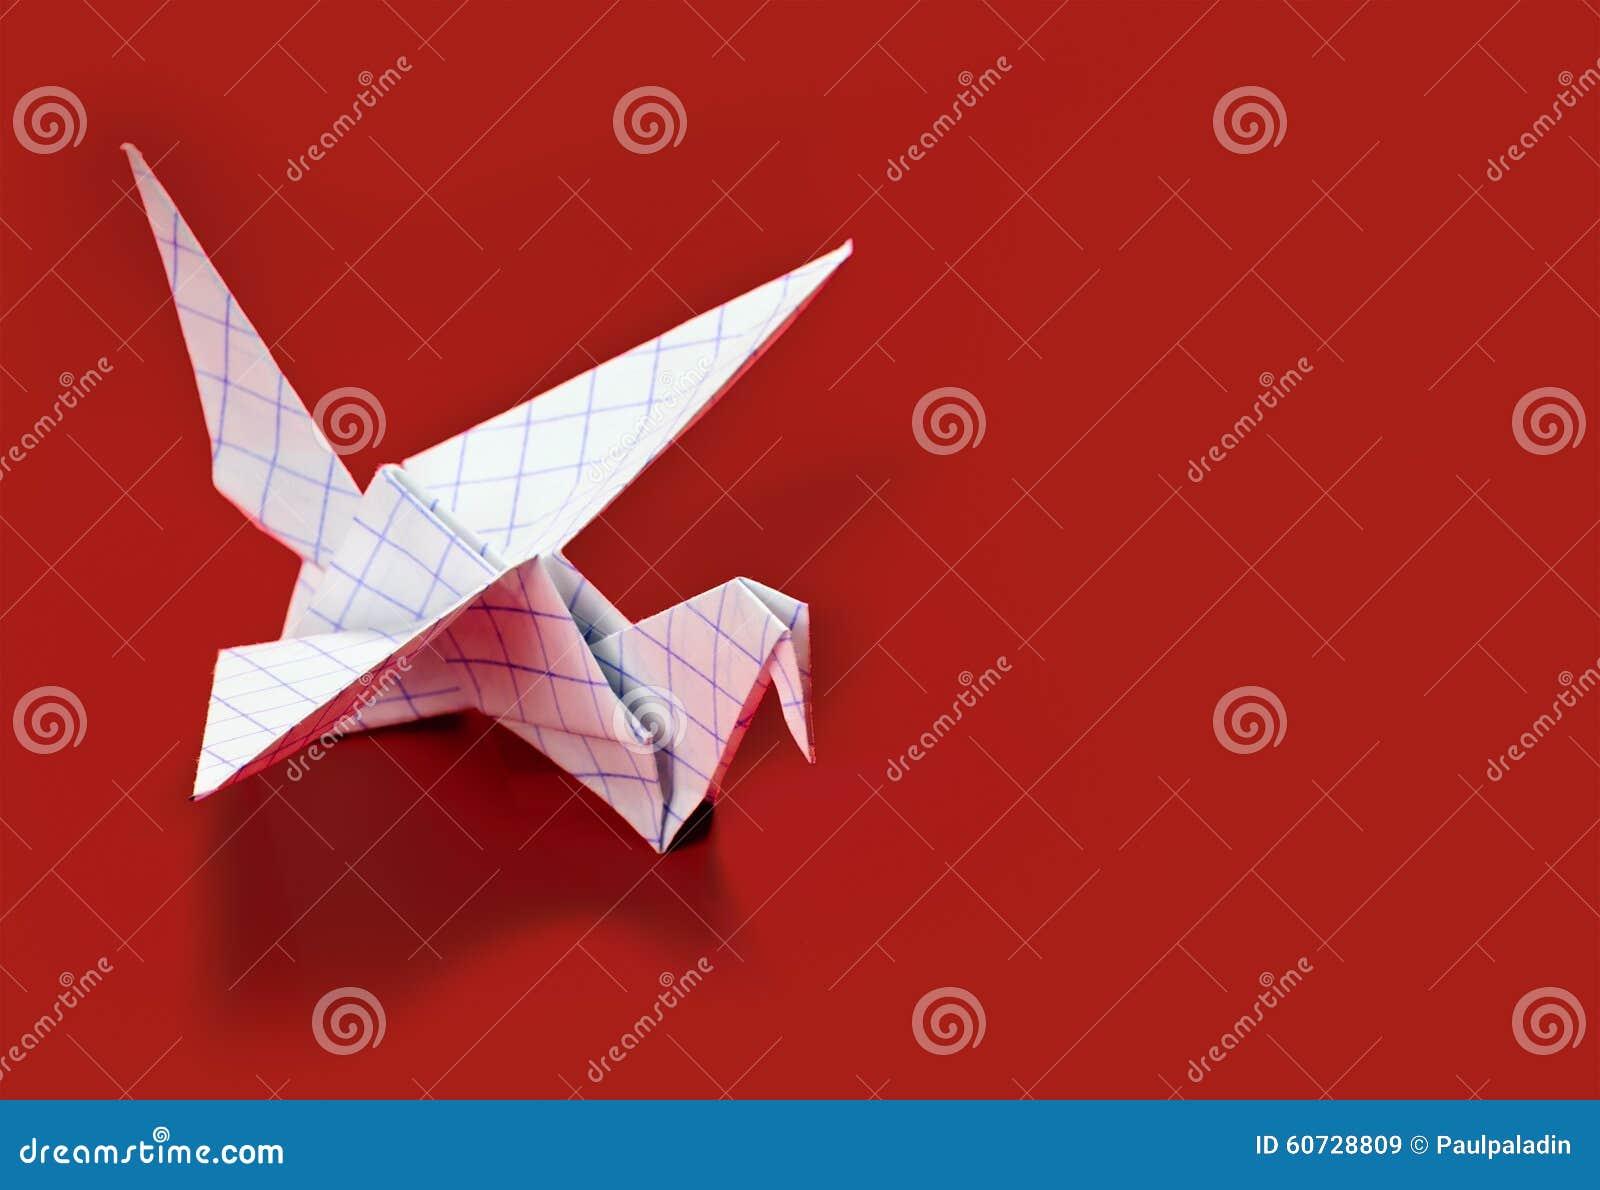 Origami Crane Symbol Of Peace